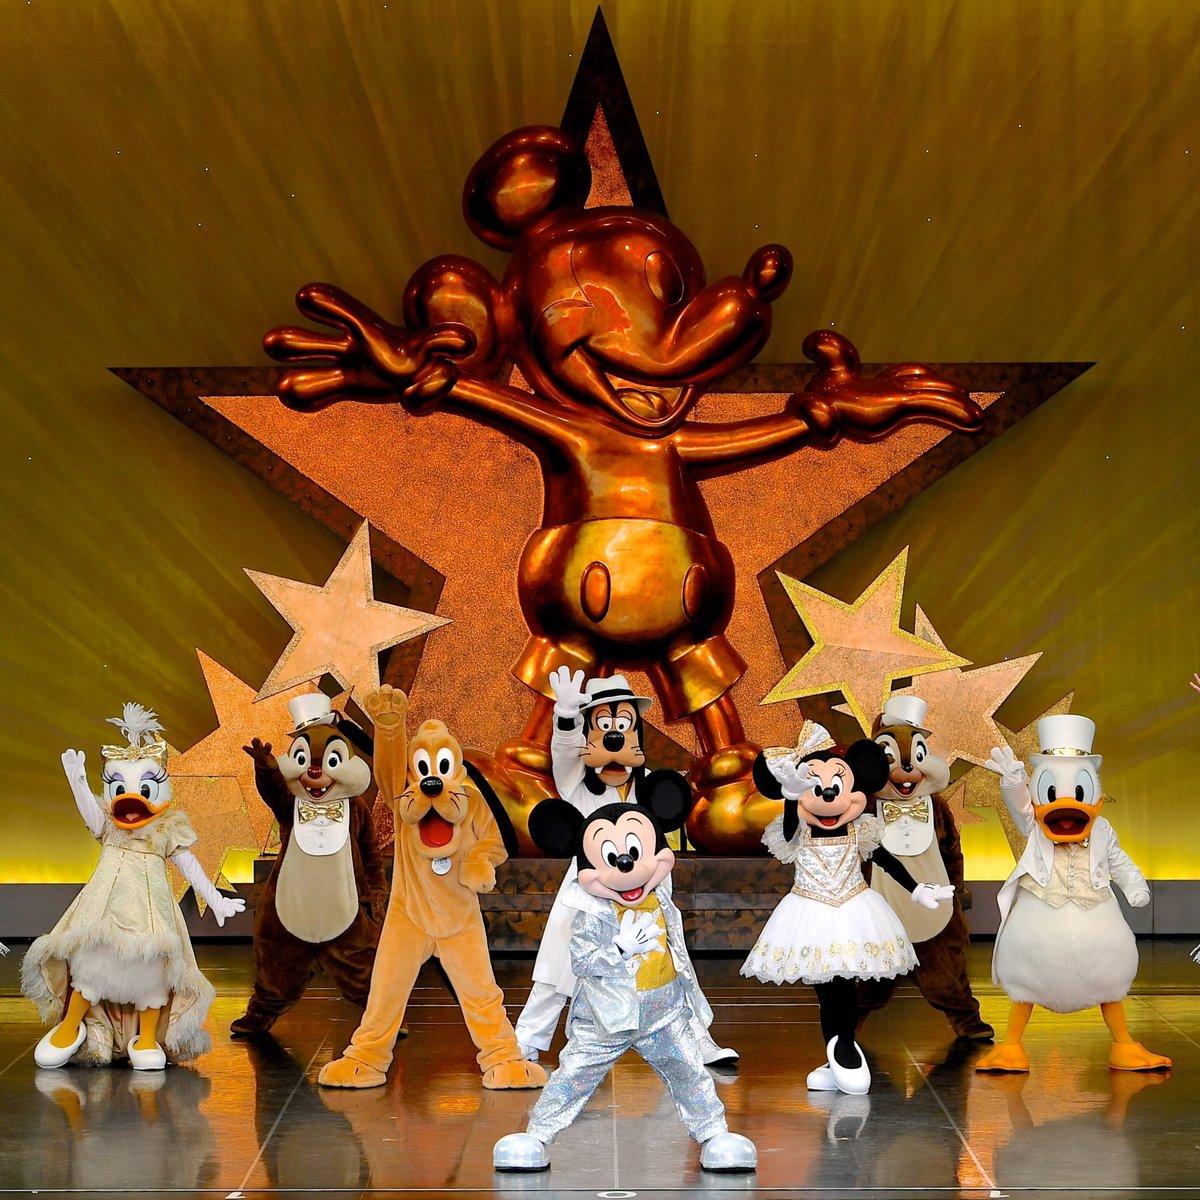 2004年7月3日からスタートし、15年間に渡って公演が続いてきた人気ショー東京ディズニーランド「ワンマンズ・ドリームII-ザ・マジック・リブズ・オン」明日2019年12月13日をもって公演終了です